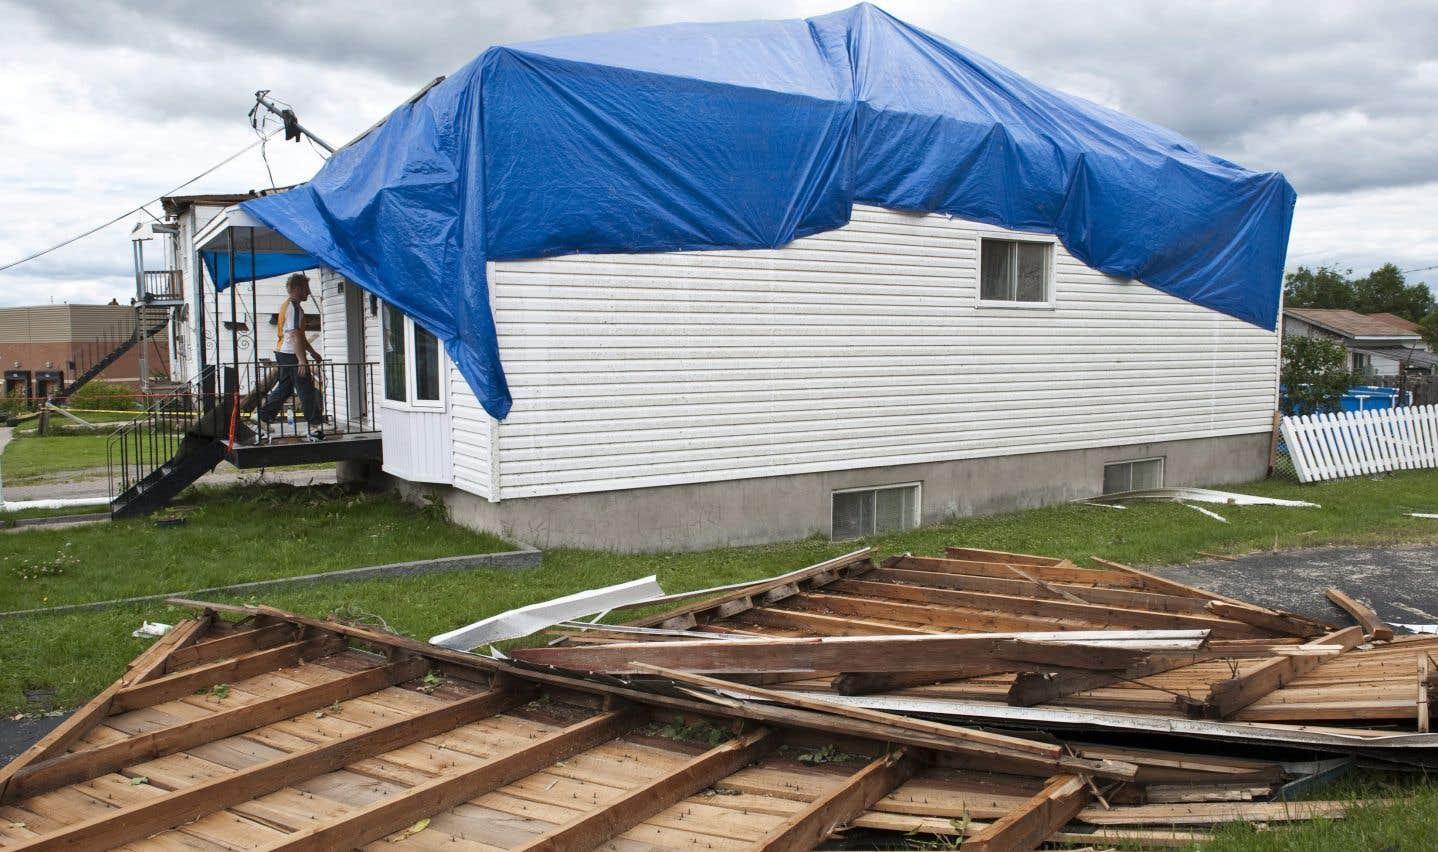 Une tornade a bel et bien frappé Mont-Laurier dimanche